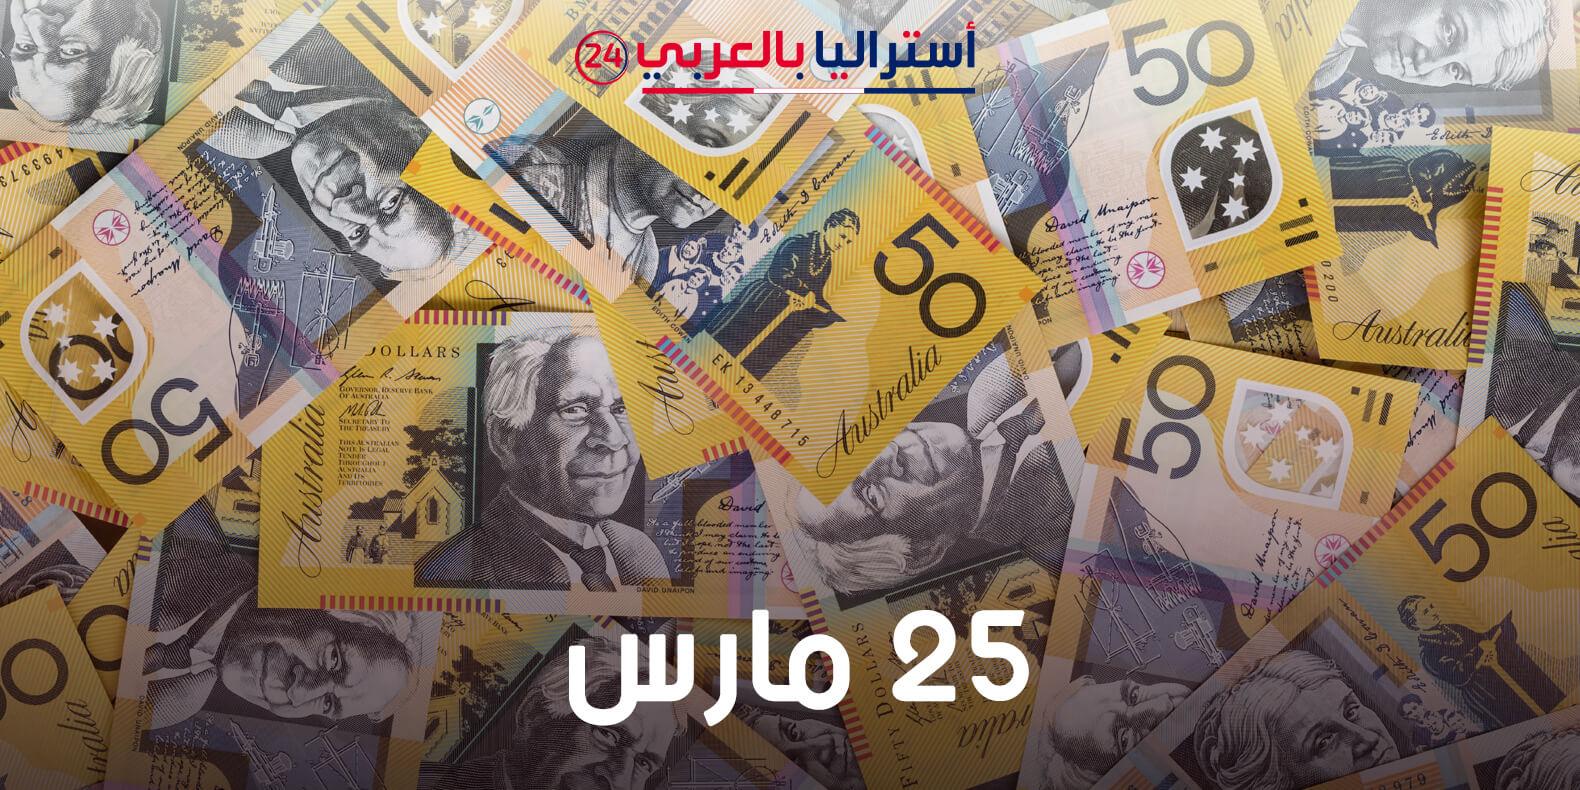 سعر الدولار الاسترالي مقابل العملات العالمية والعربية اليوم 25 مارس